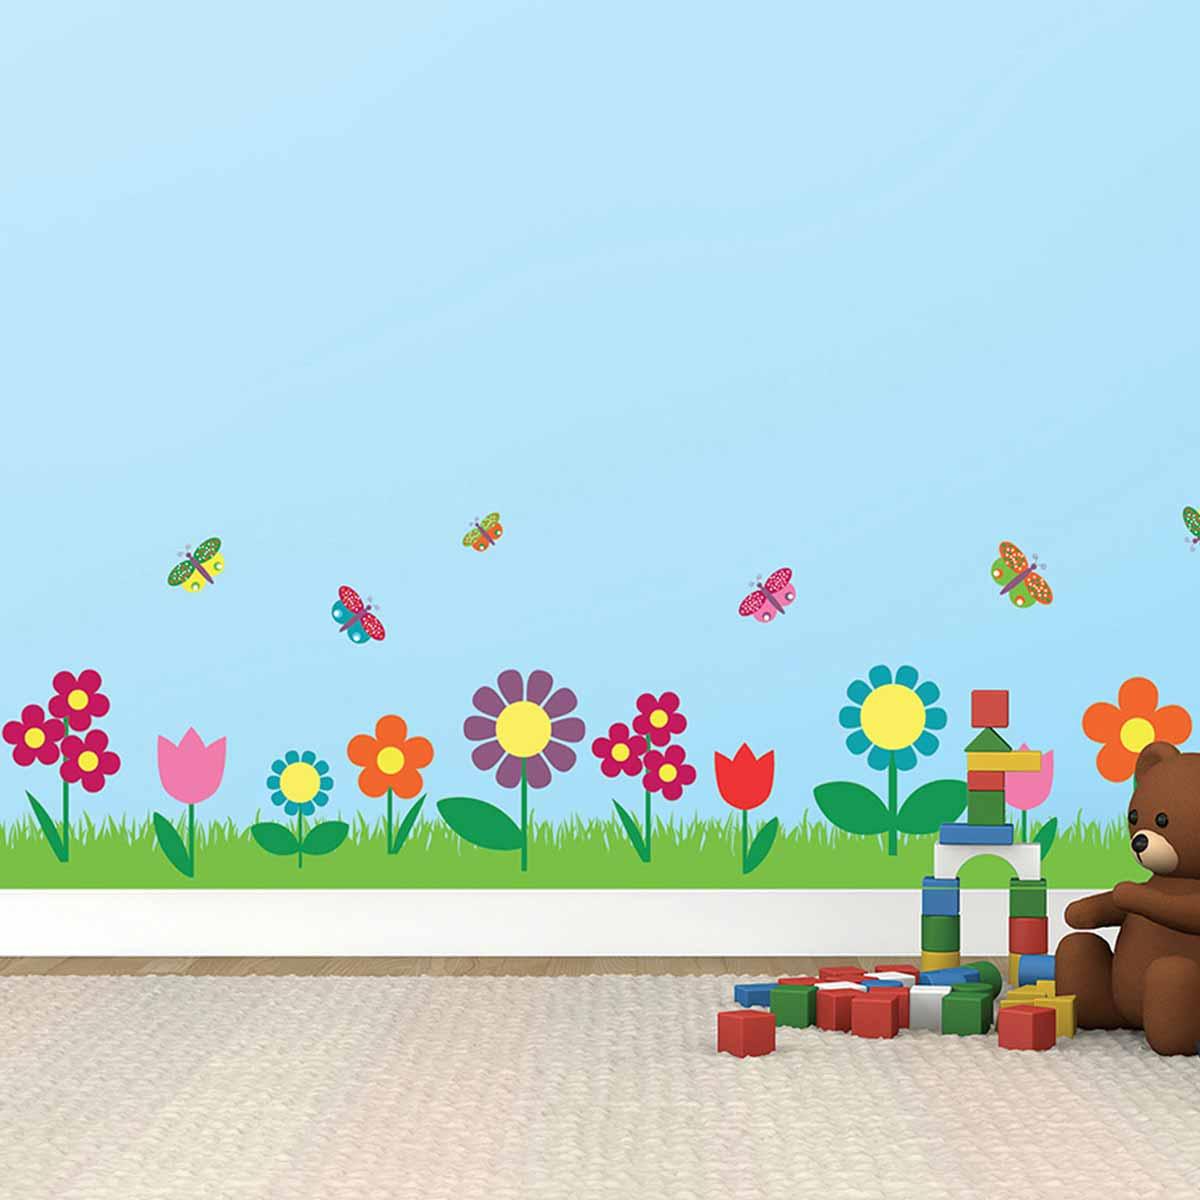 Παιδική Αυτοκόλλητη Μπορντούρα Τοίχου Ango Flowers 14008